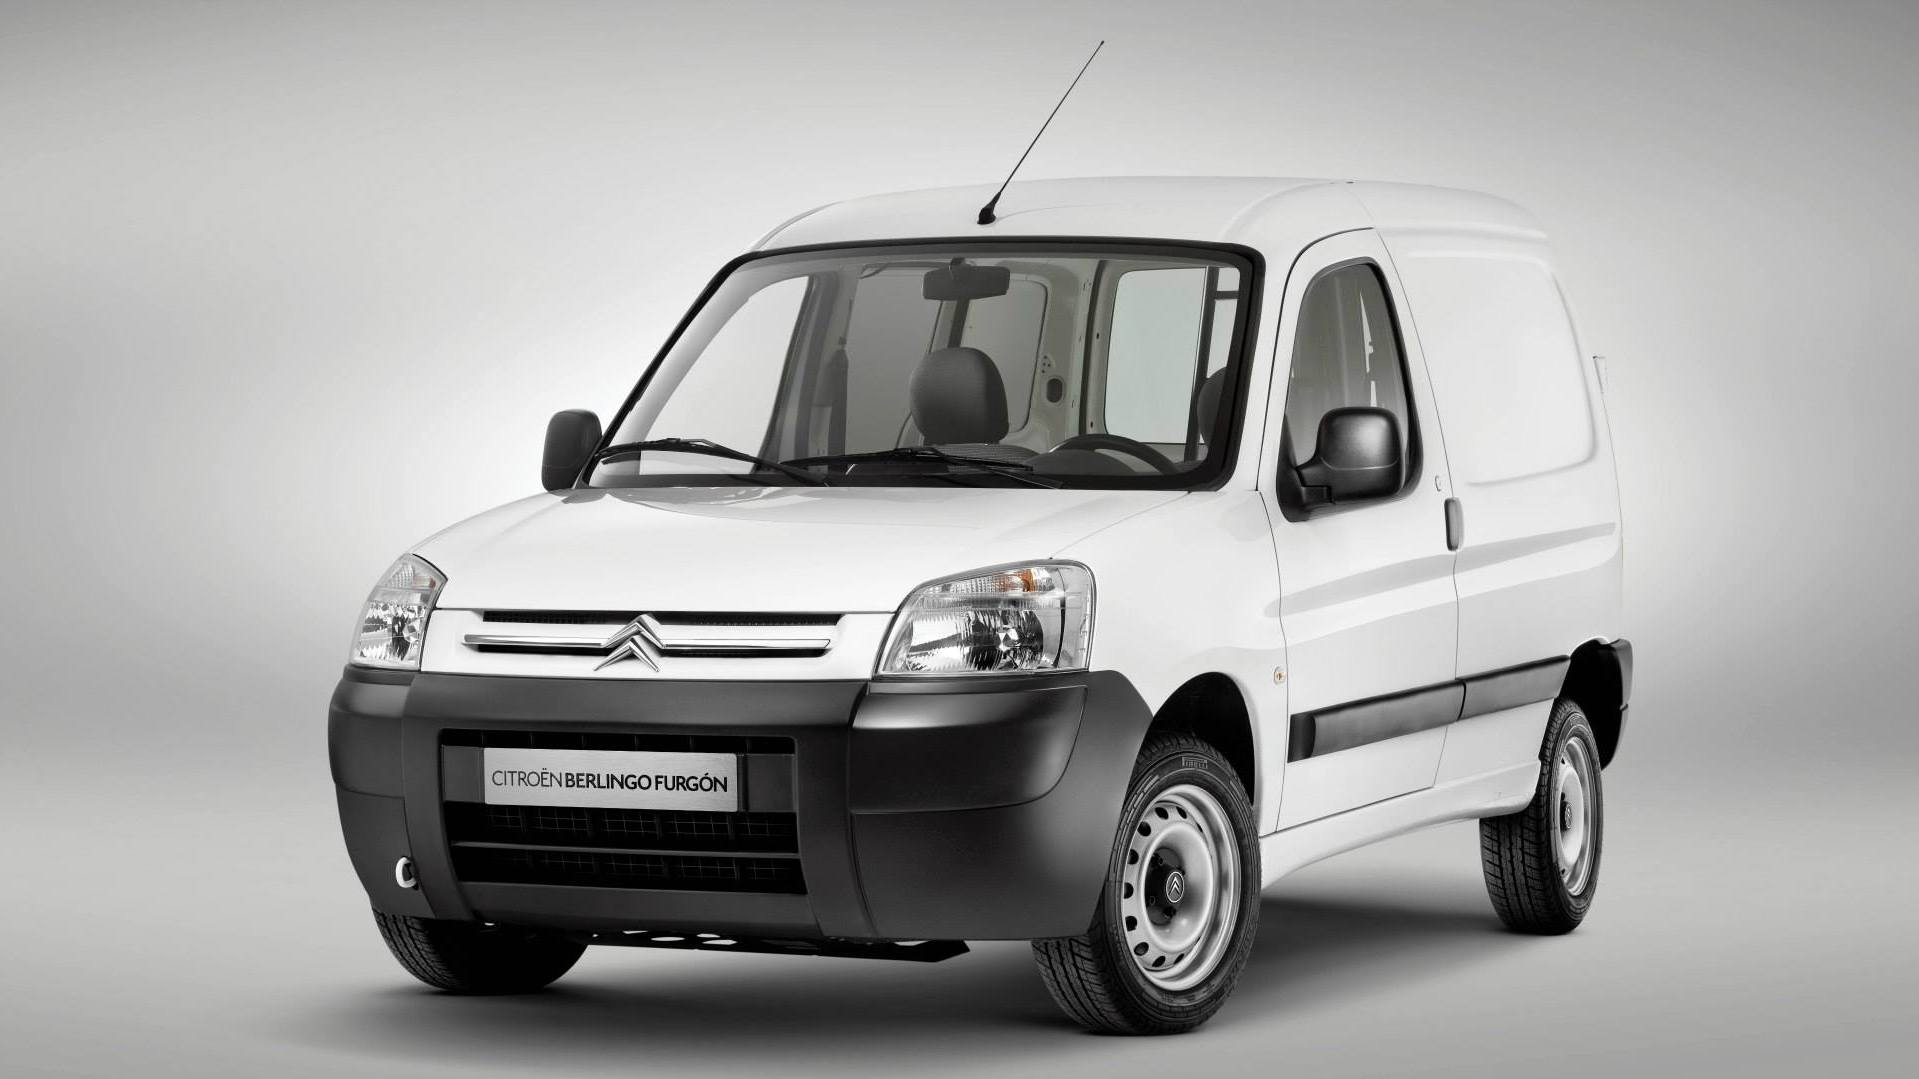 [INFORMATION] Citroën/DS Amérique Latine - Les News - Page 13 11222602_1650784421841585_3107984151517772014_o